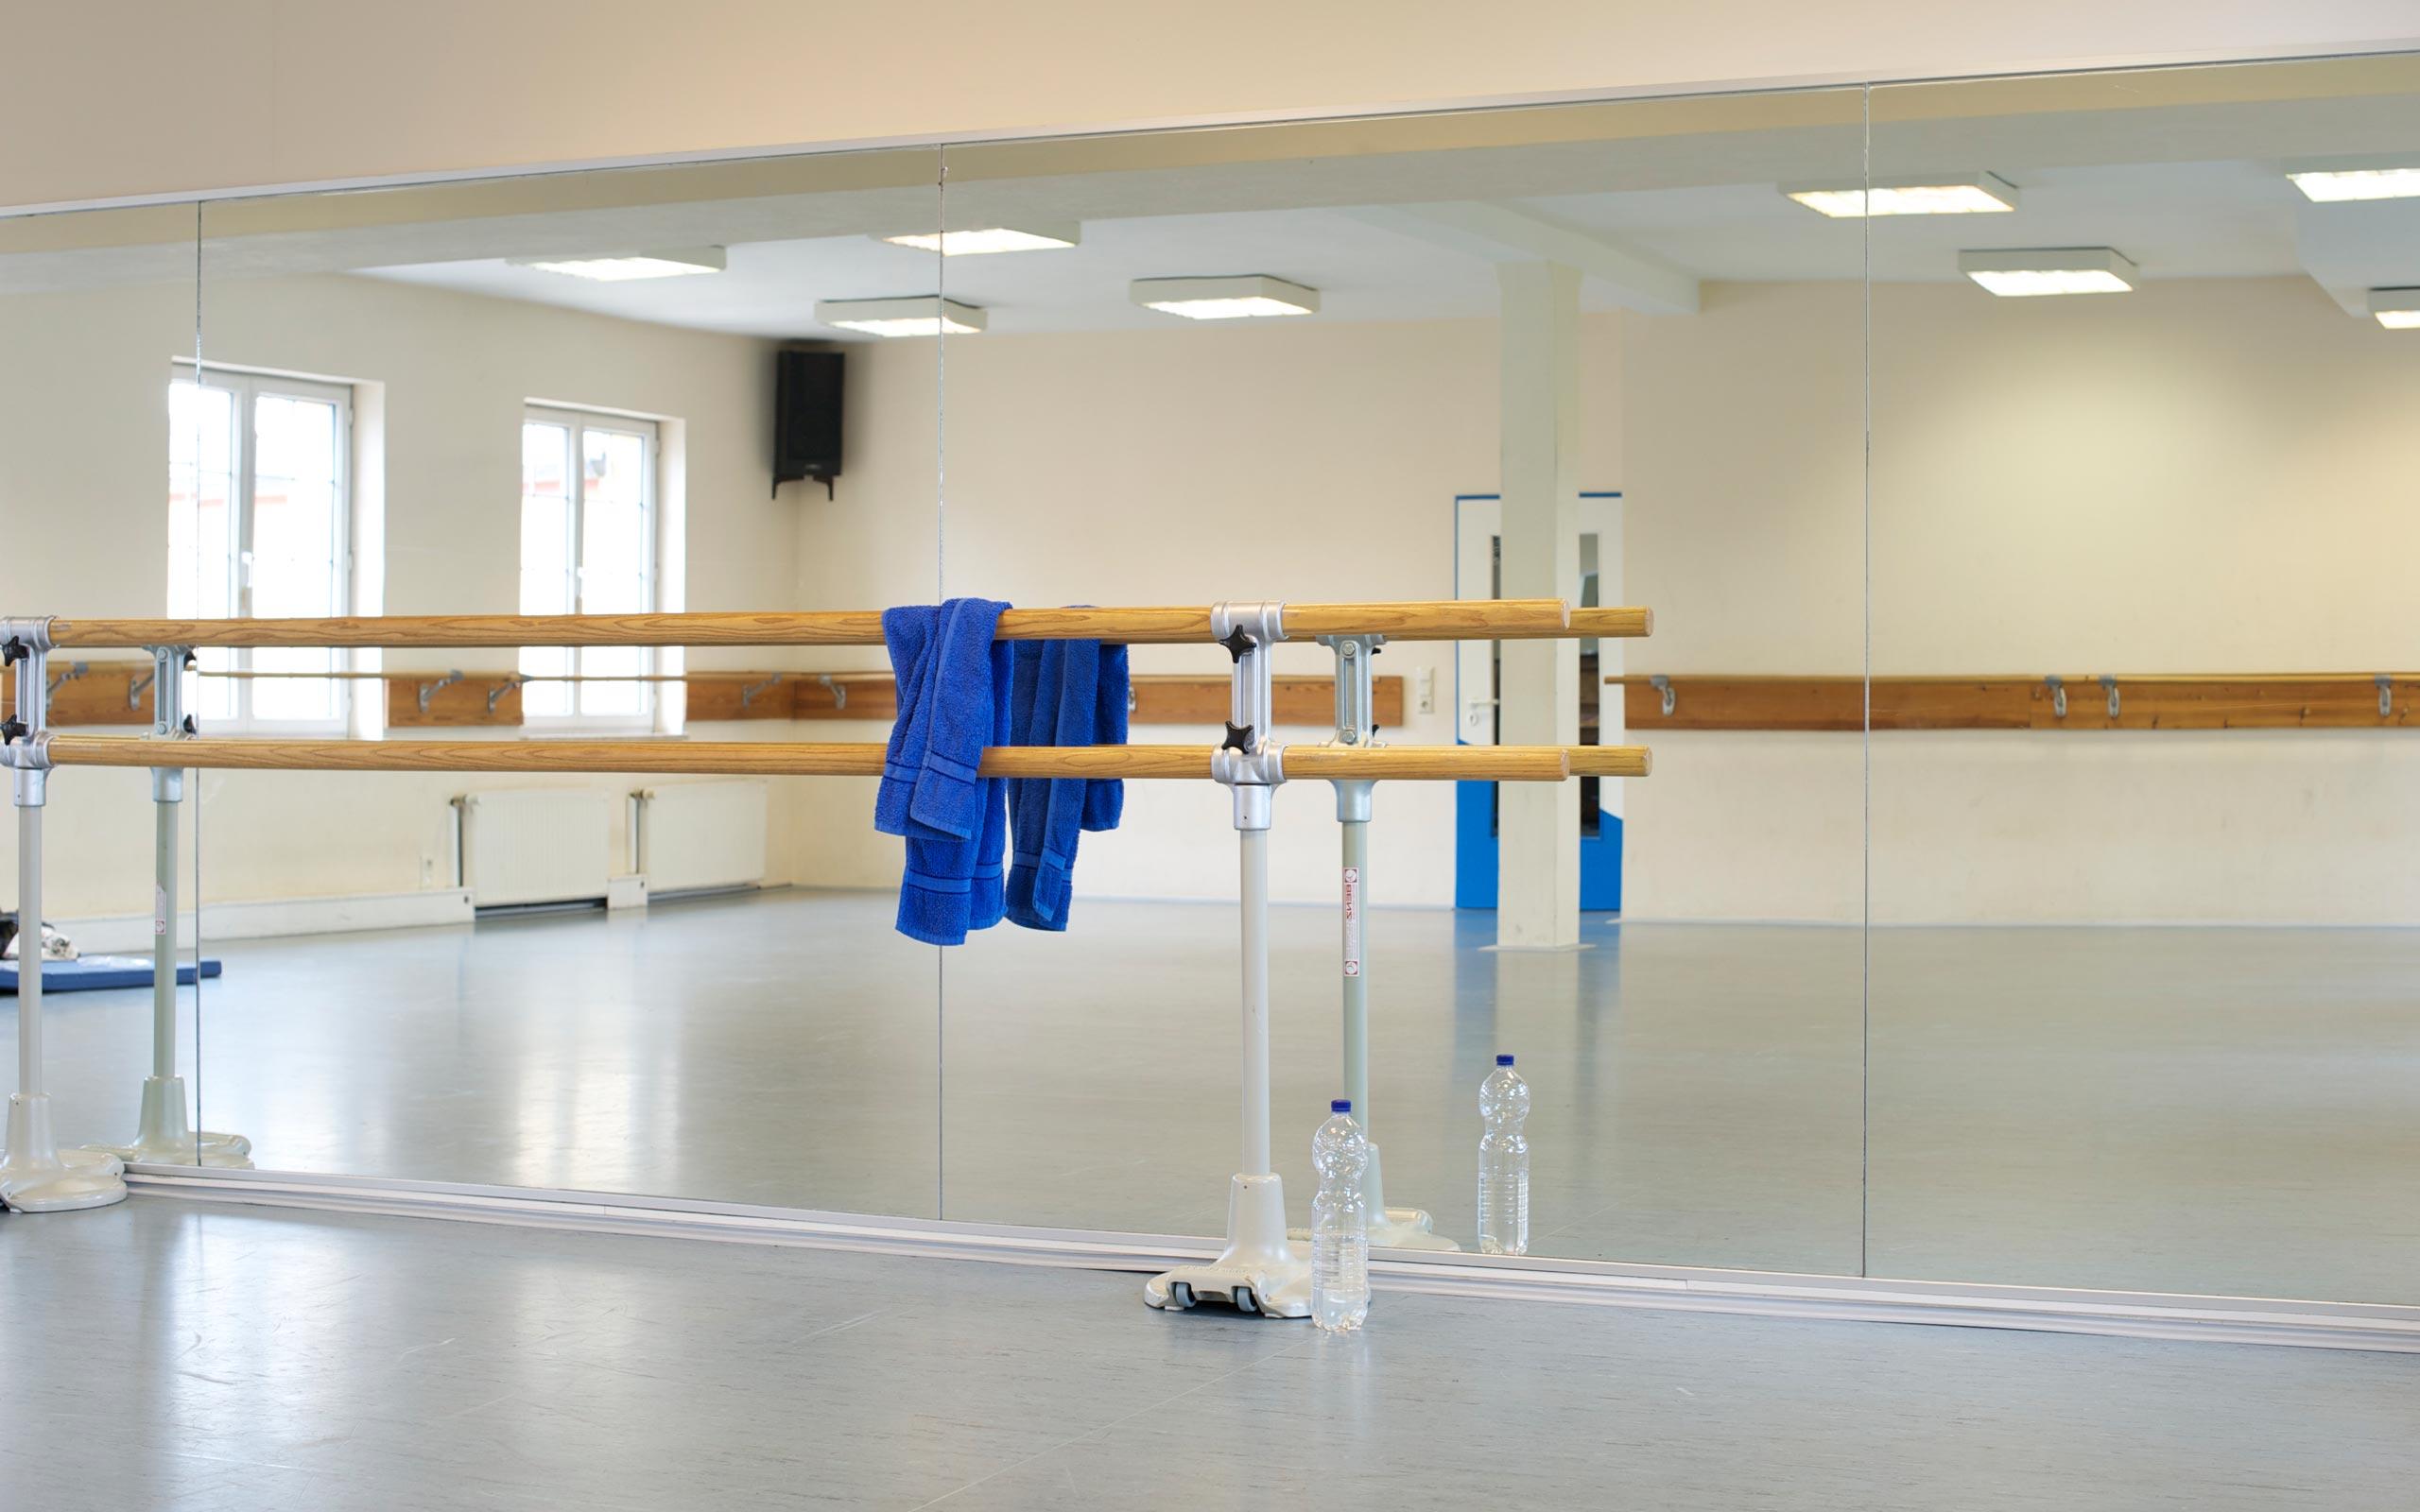 Kurs Körper und Geist der Tanzakademie Erxleben für einen gesunden ausgeglichenen Tag